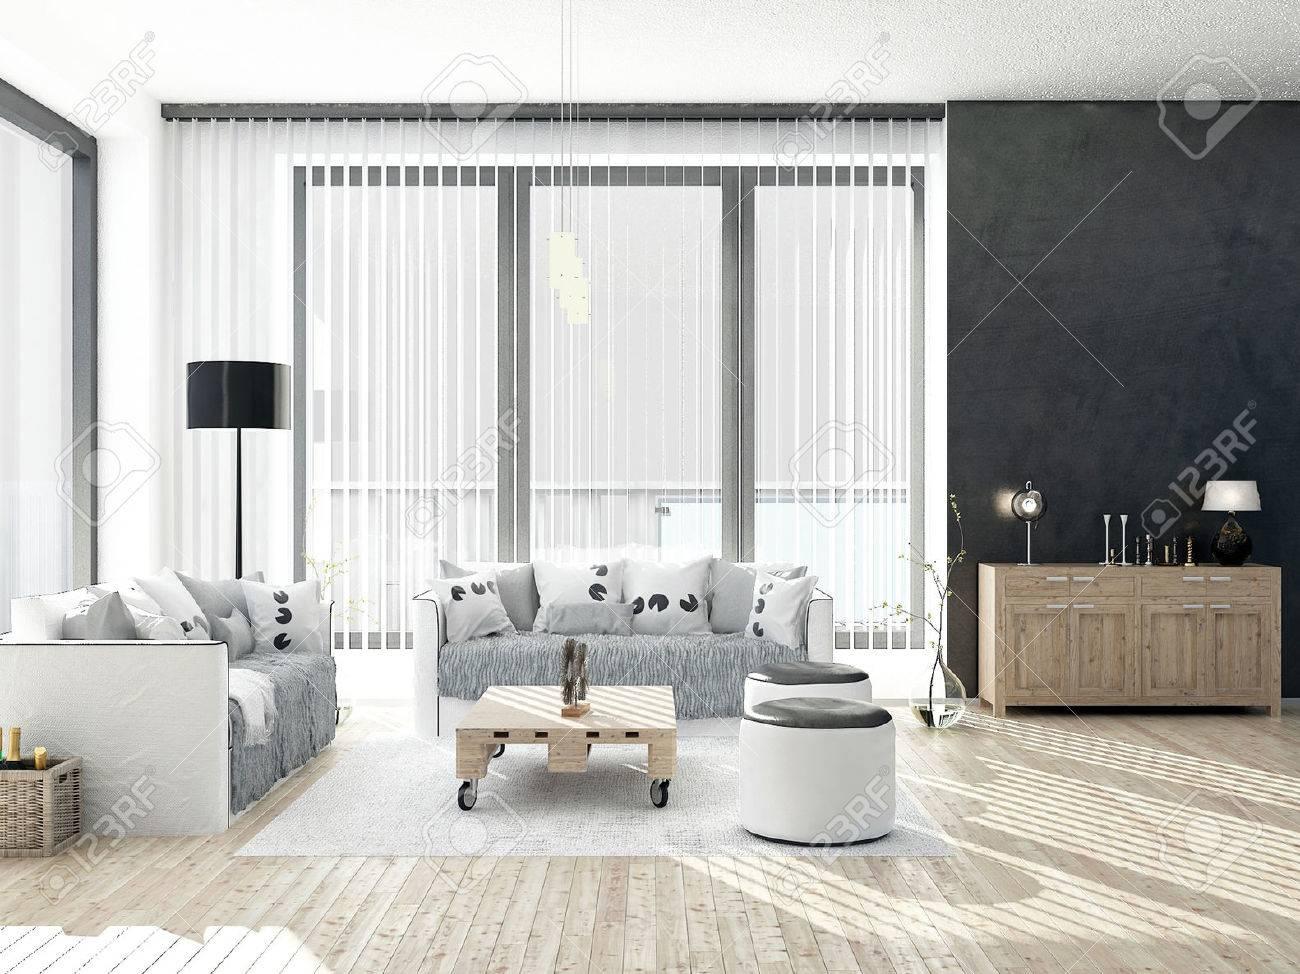 Schwarz weiß wohnzimmer mit holzboden lizenzfreie fotos, bilder ...